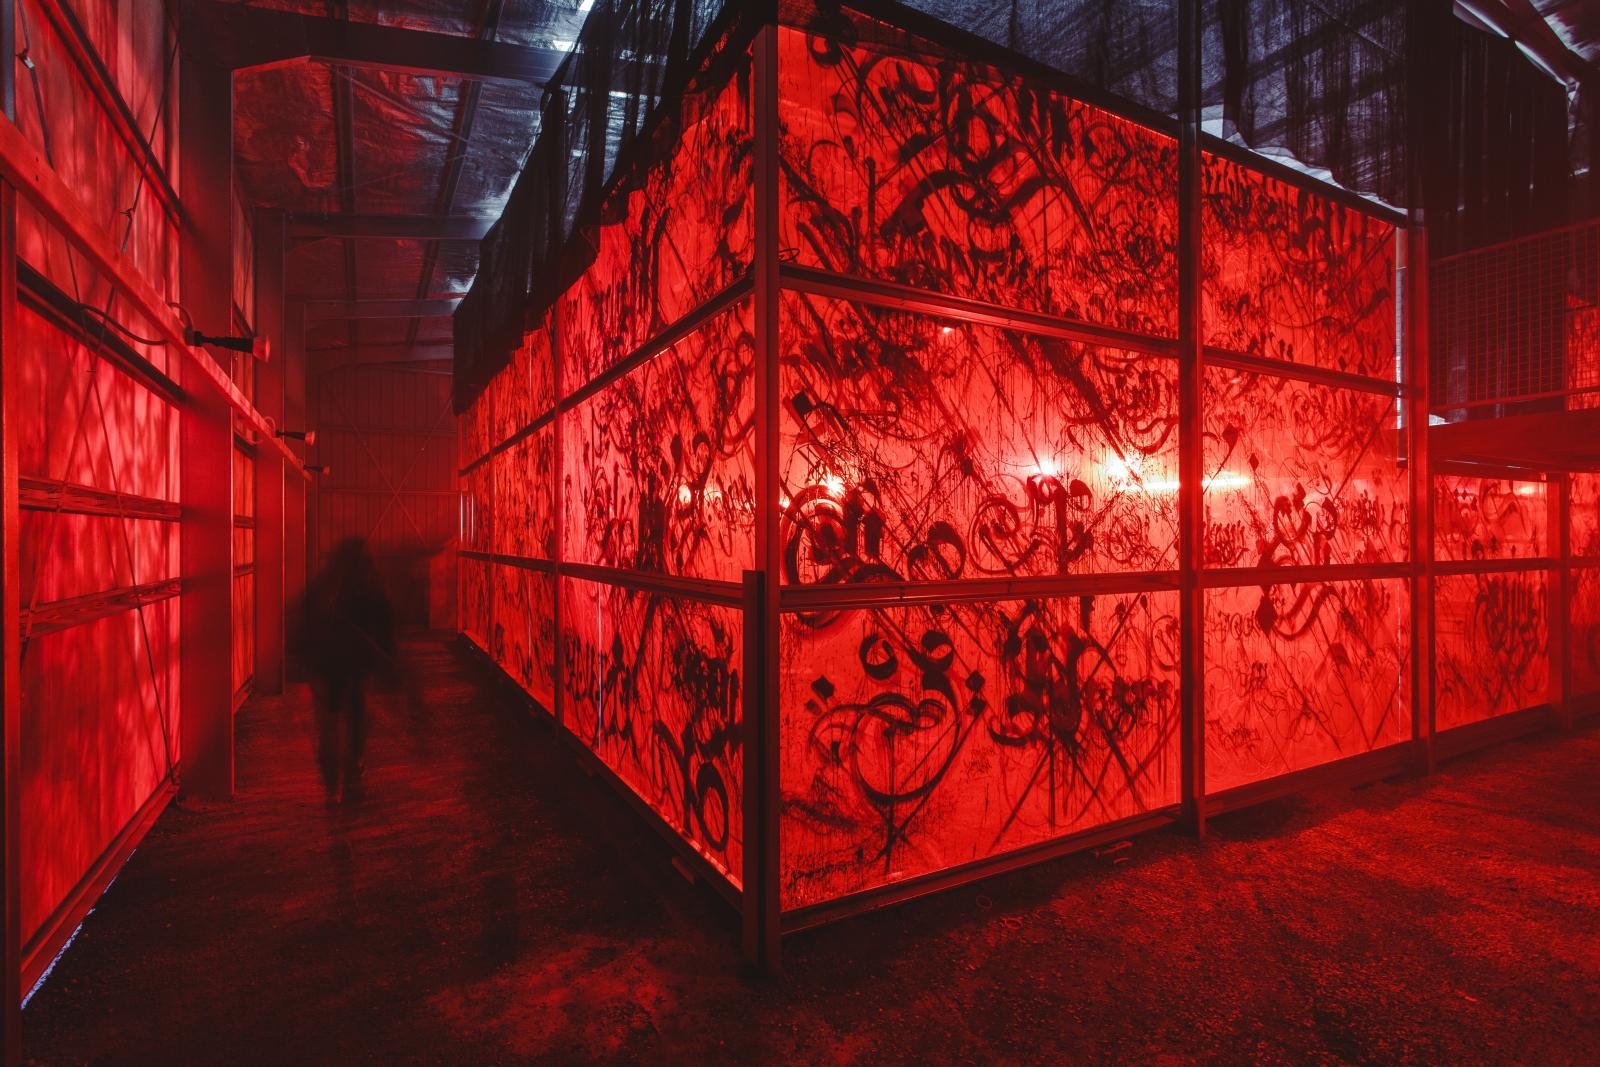 Dark MOFO Red Room